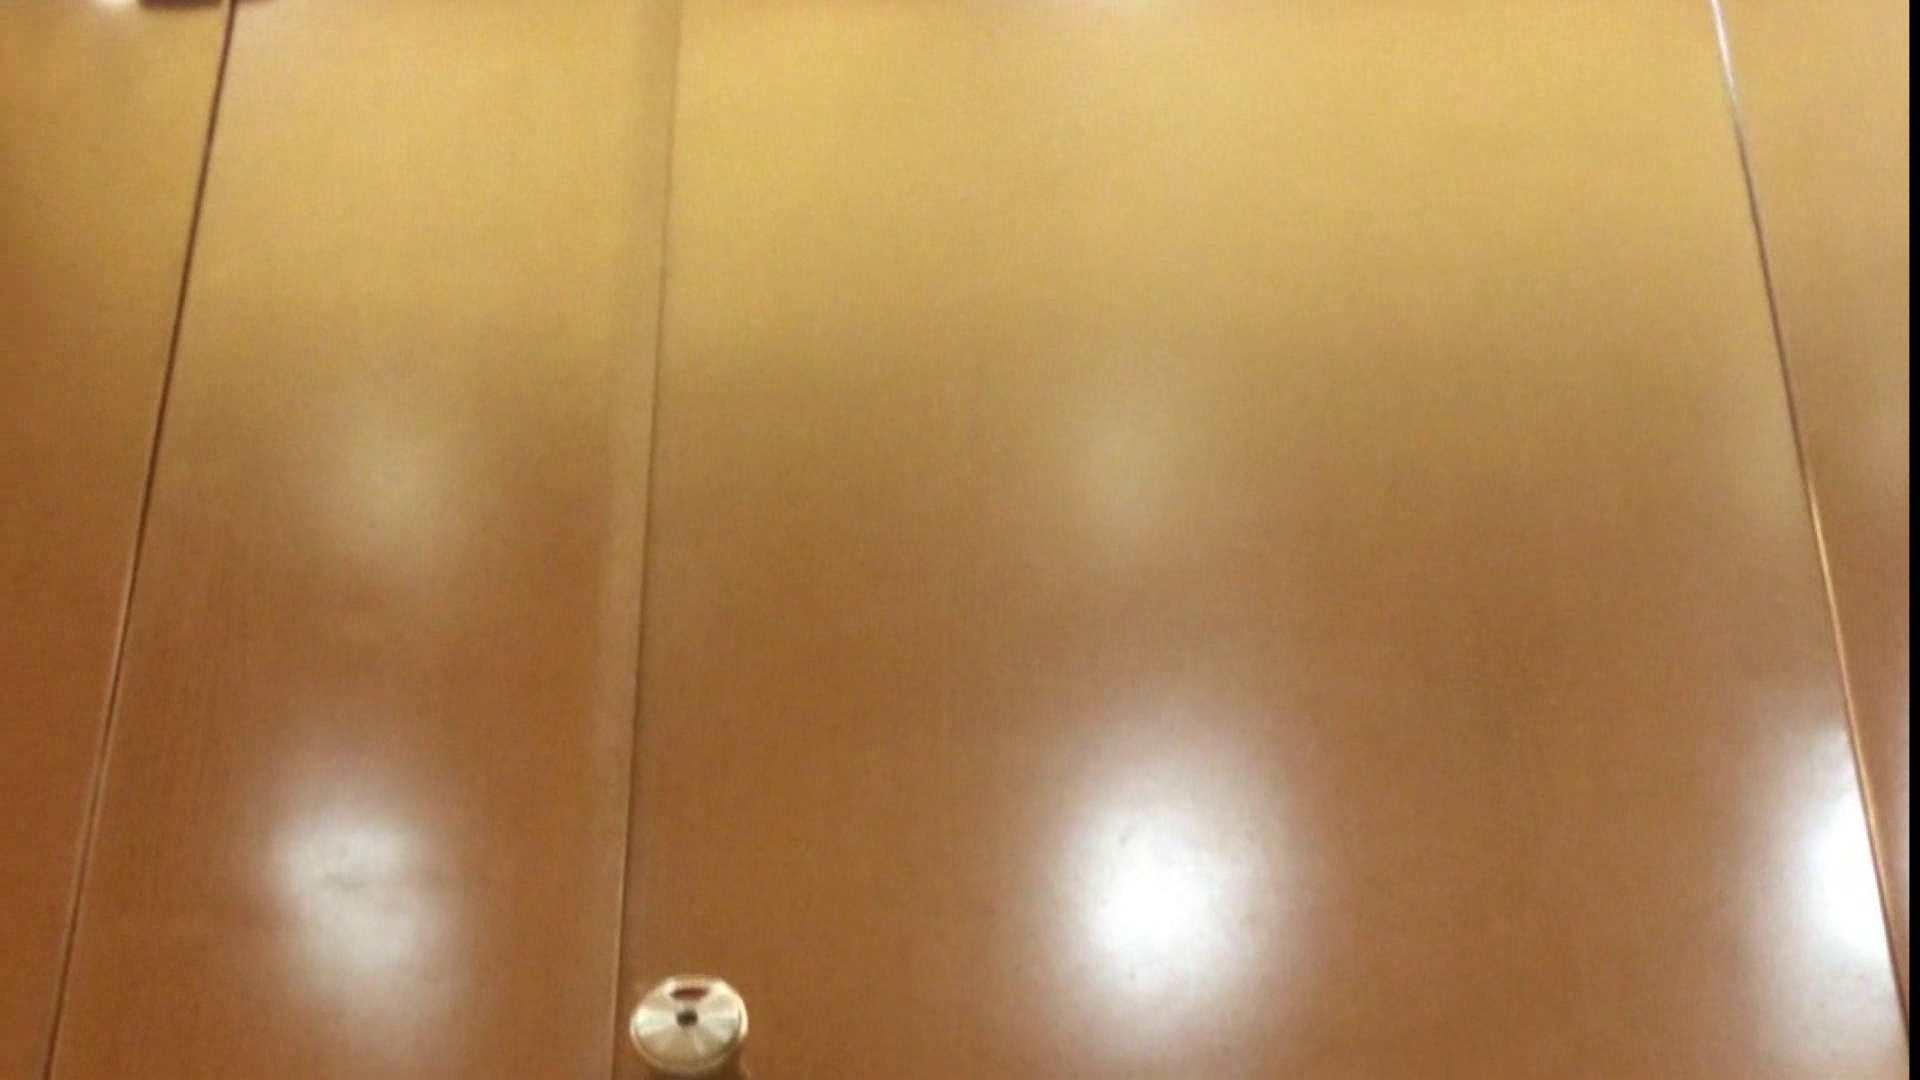 「噂」の国の厠観察日記2 Vol.01 人気シリーズ  51画像 3